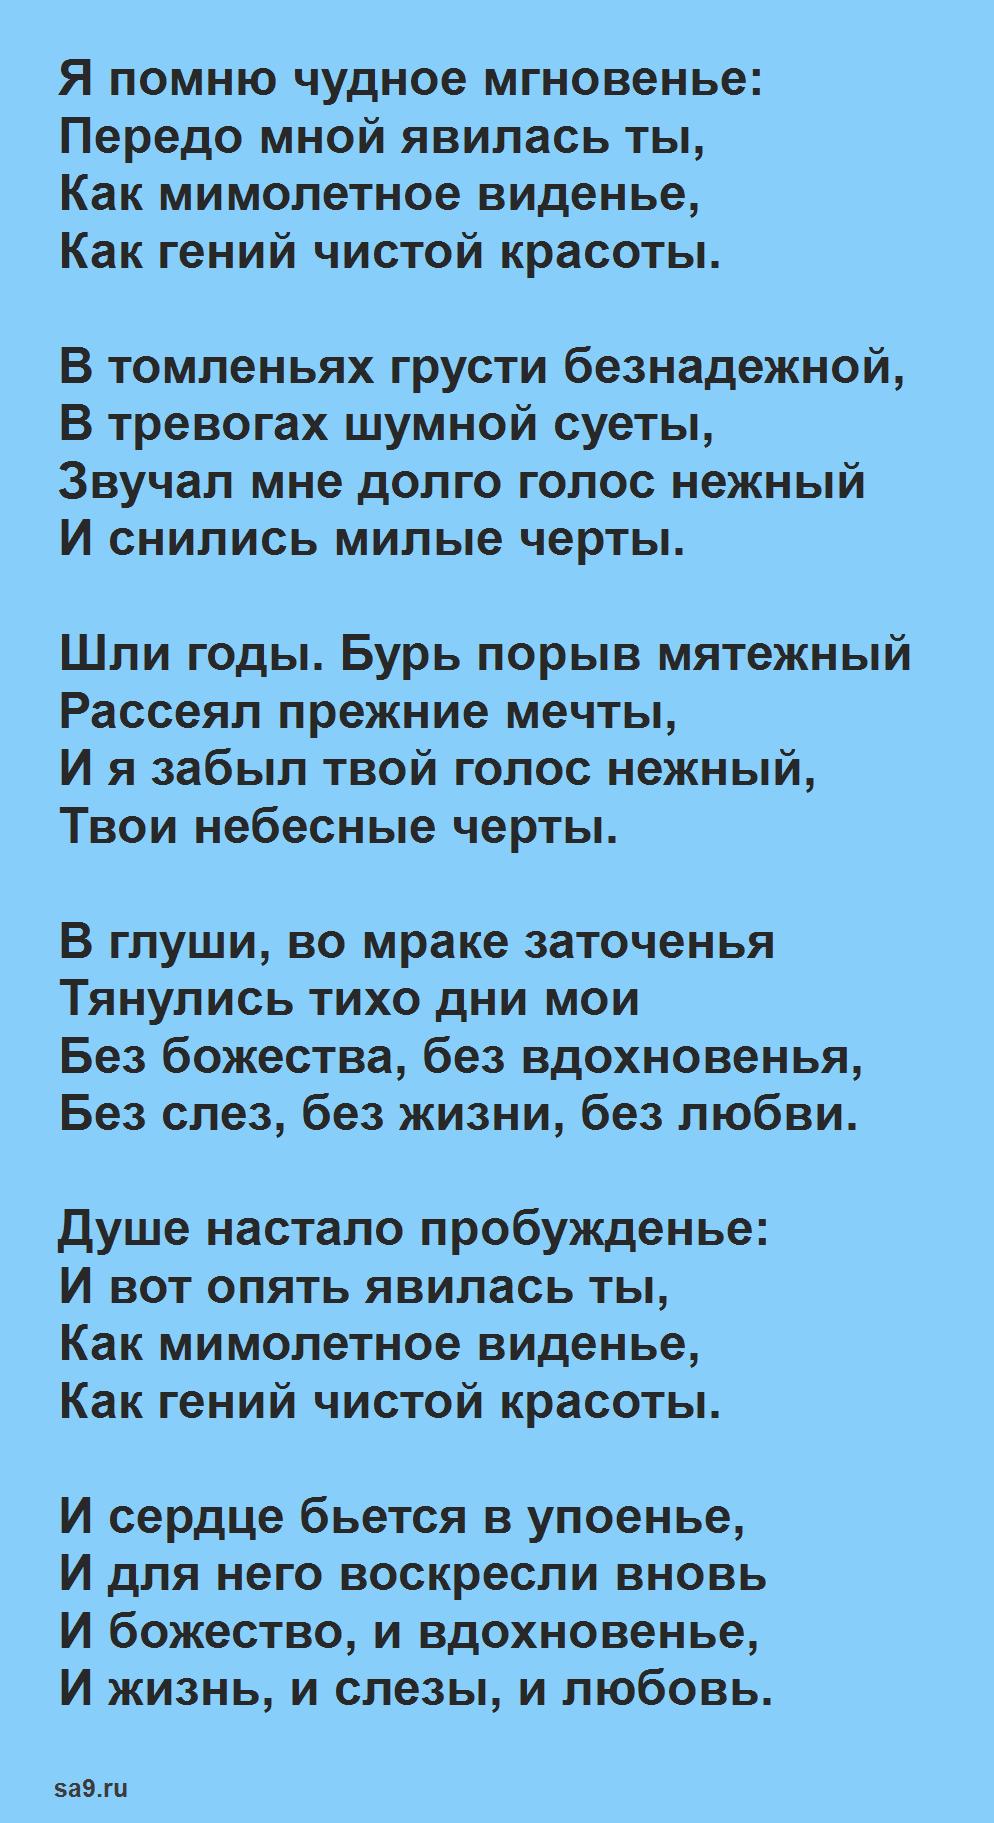 Стихи Пушкина для детей - Я помню чудное мгновенье, для заучивания наизусть